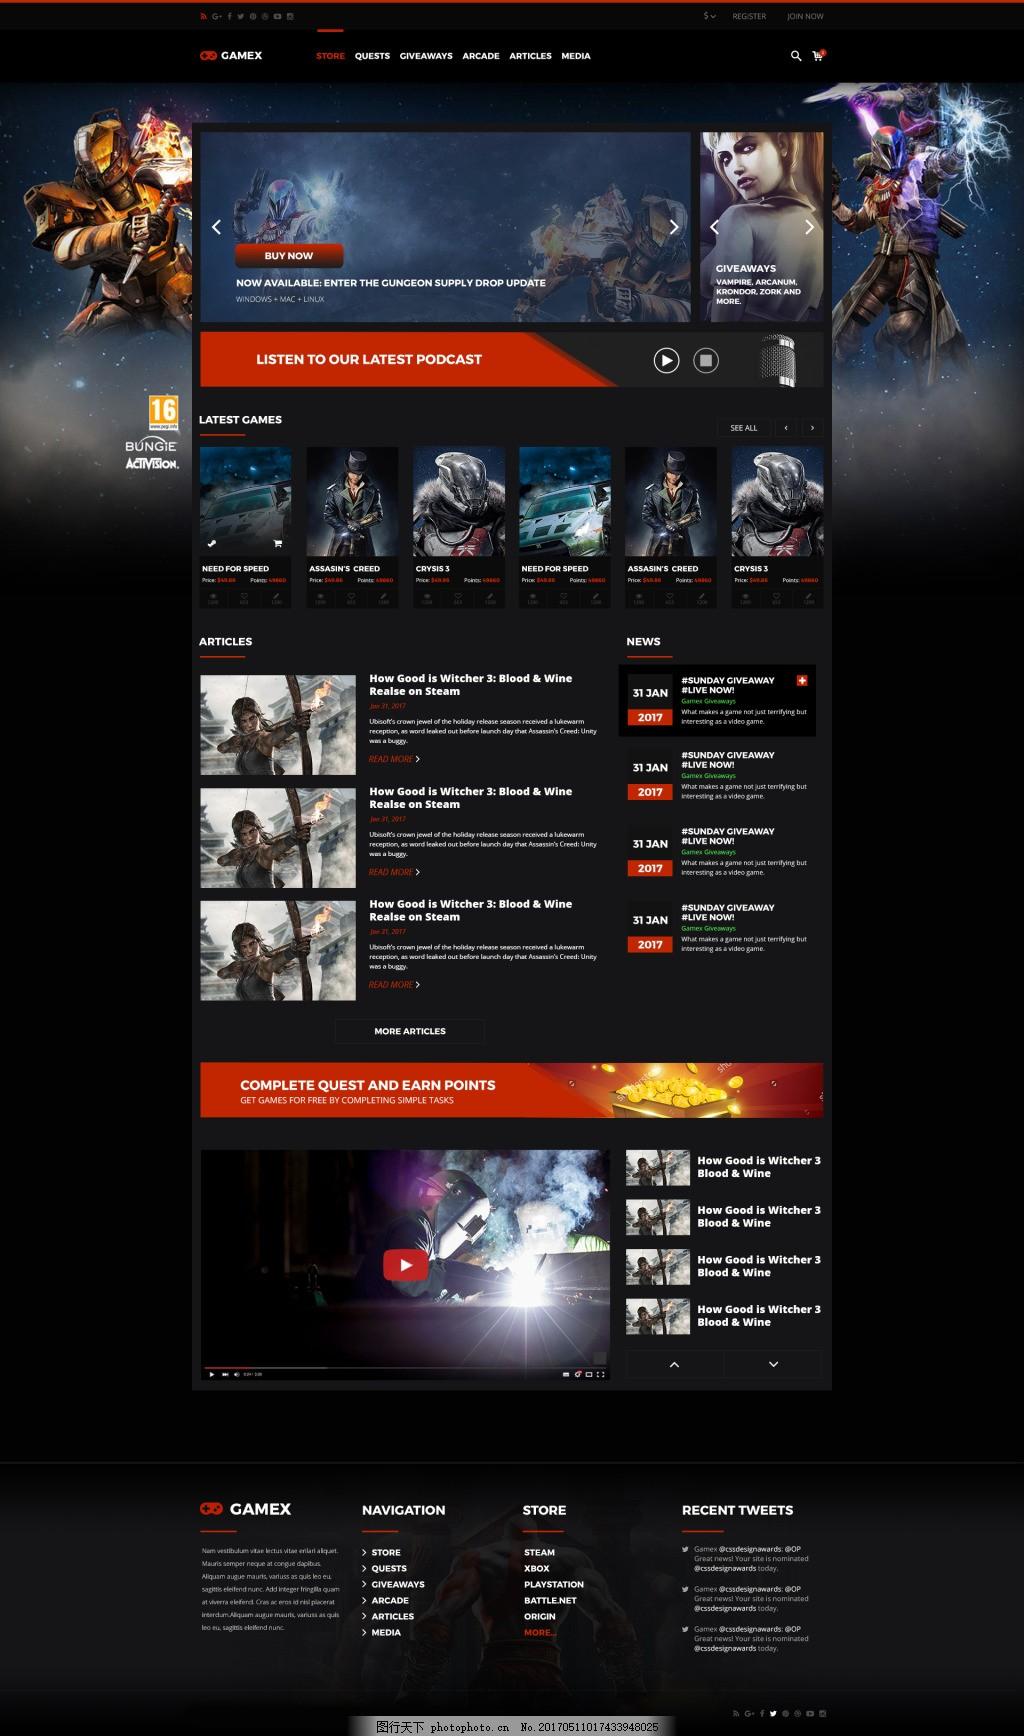 黑色简约时尚酷炫游戏网页ui游戏界面